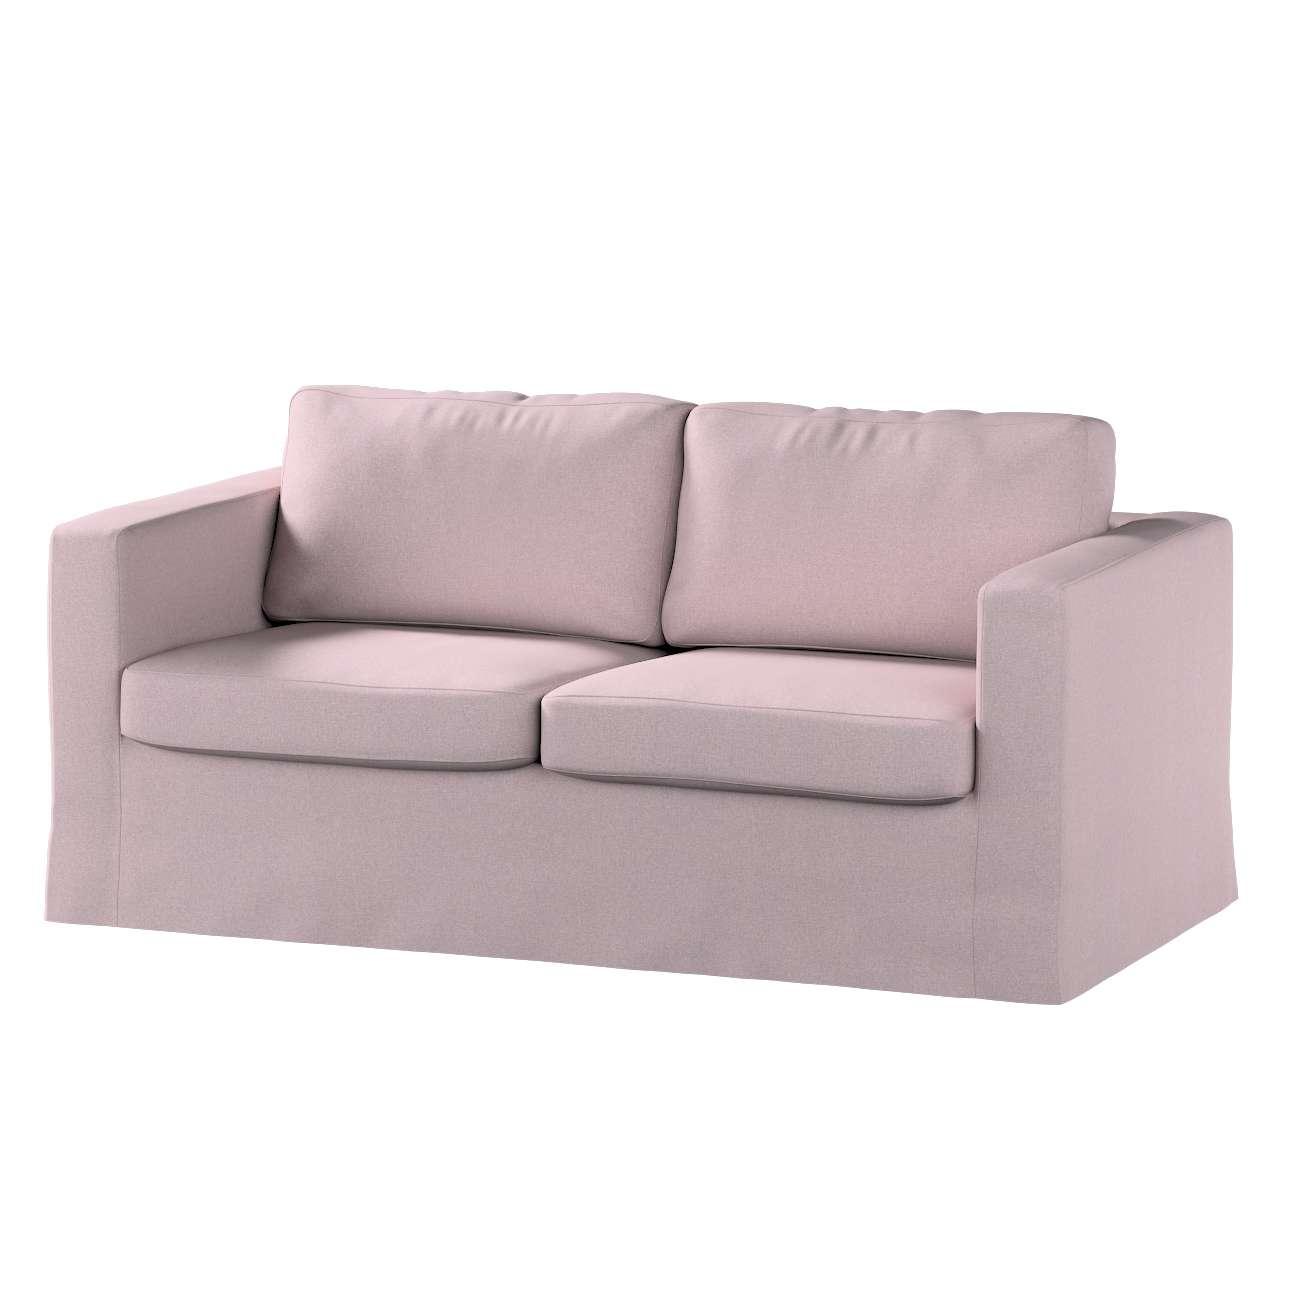 Pokrowiec na sofę Karlstad 2-osobową nierozkładaną długi w kolekcji Amsterdam, tkanina: 704-51